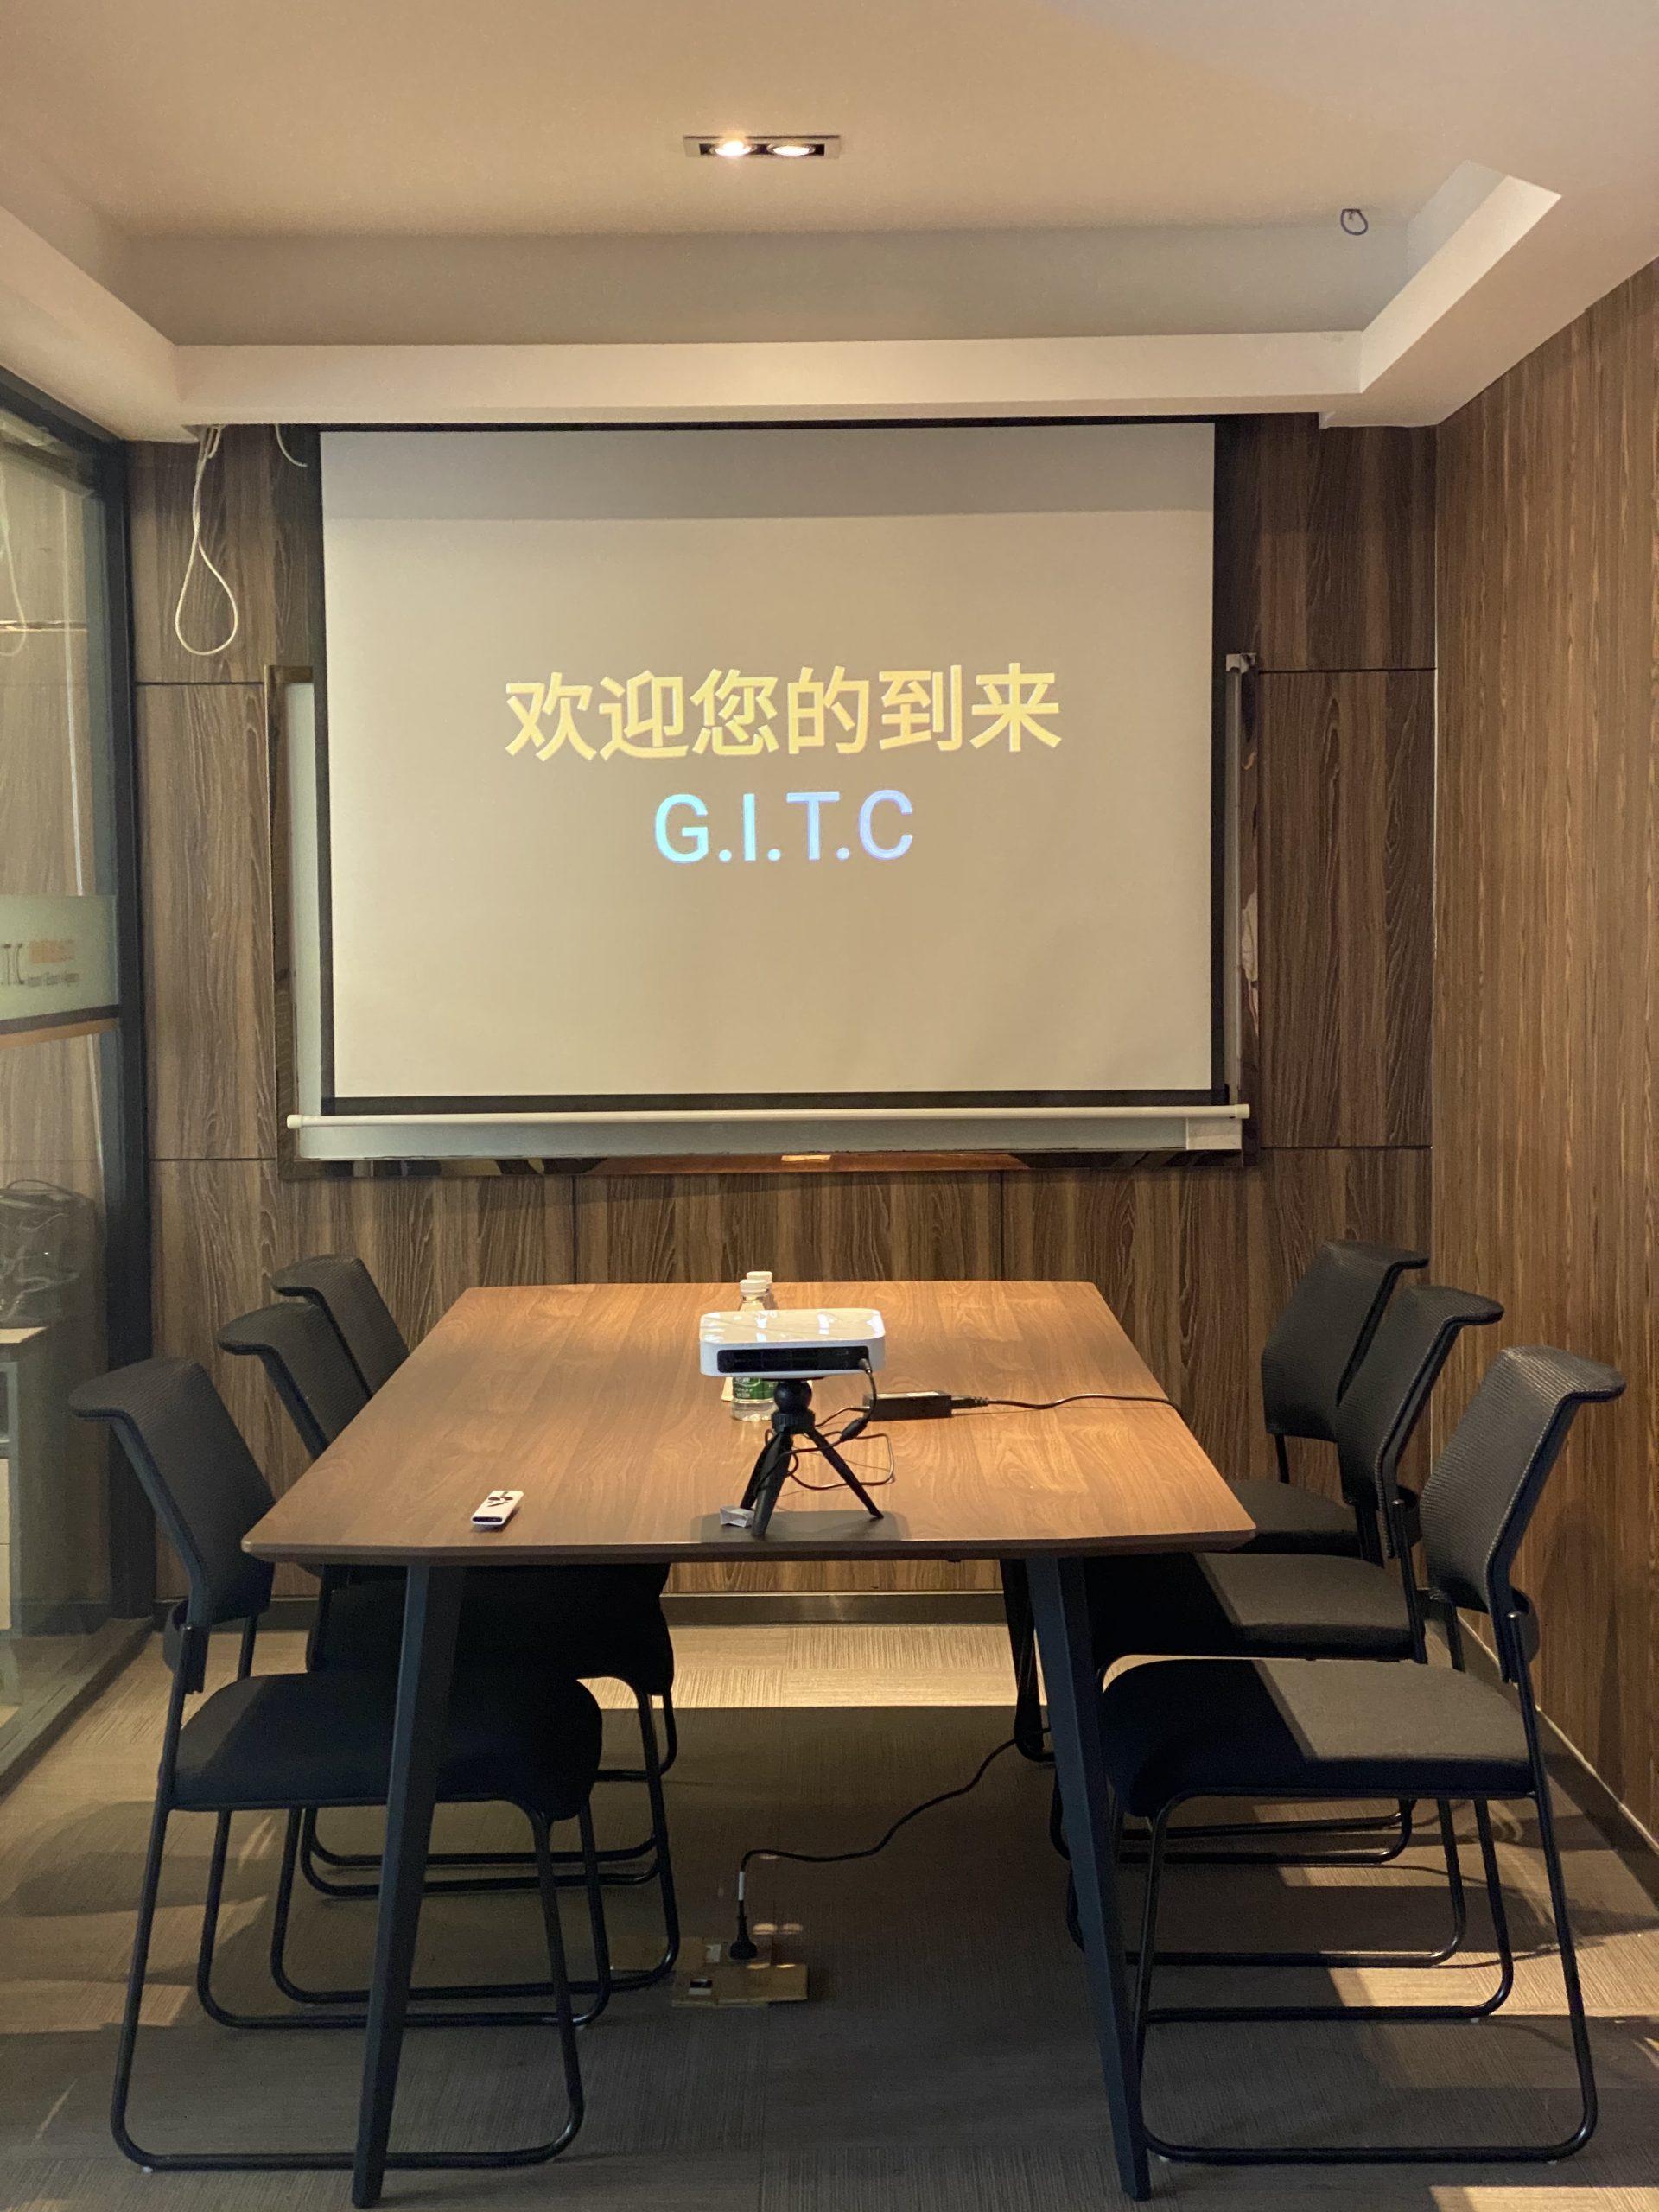 gitc agency china trade company